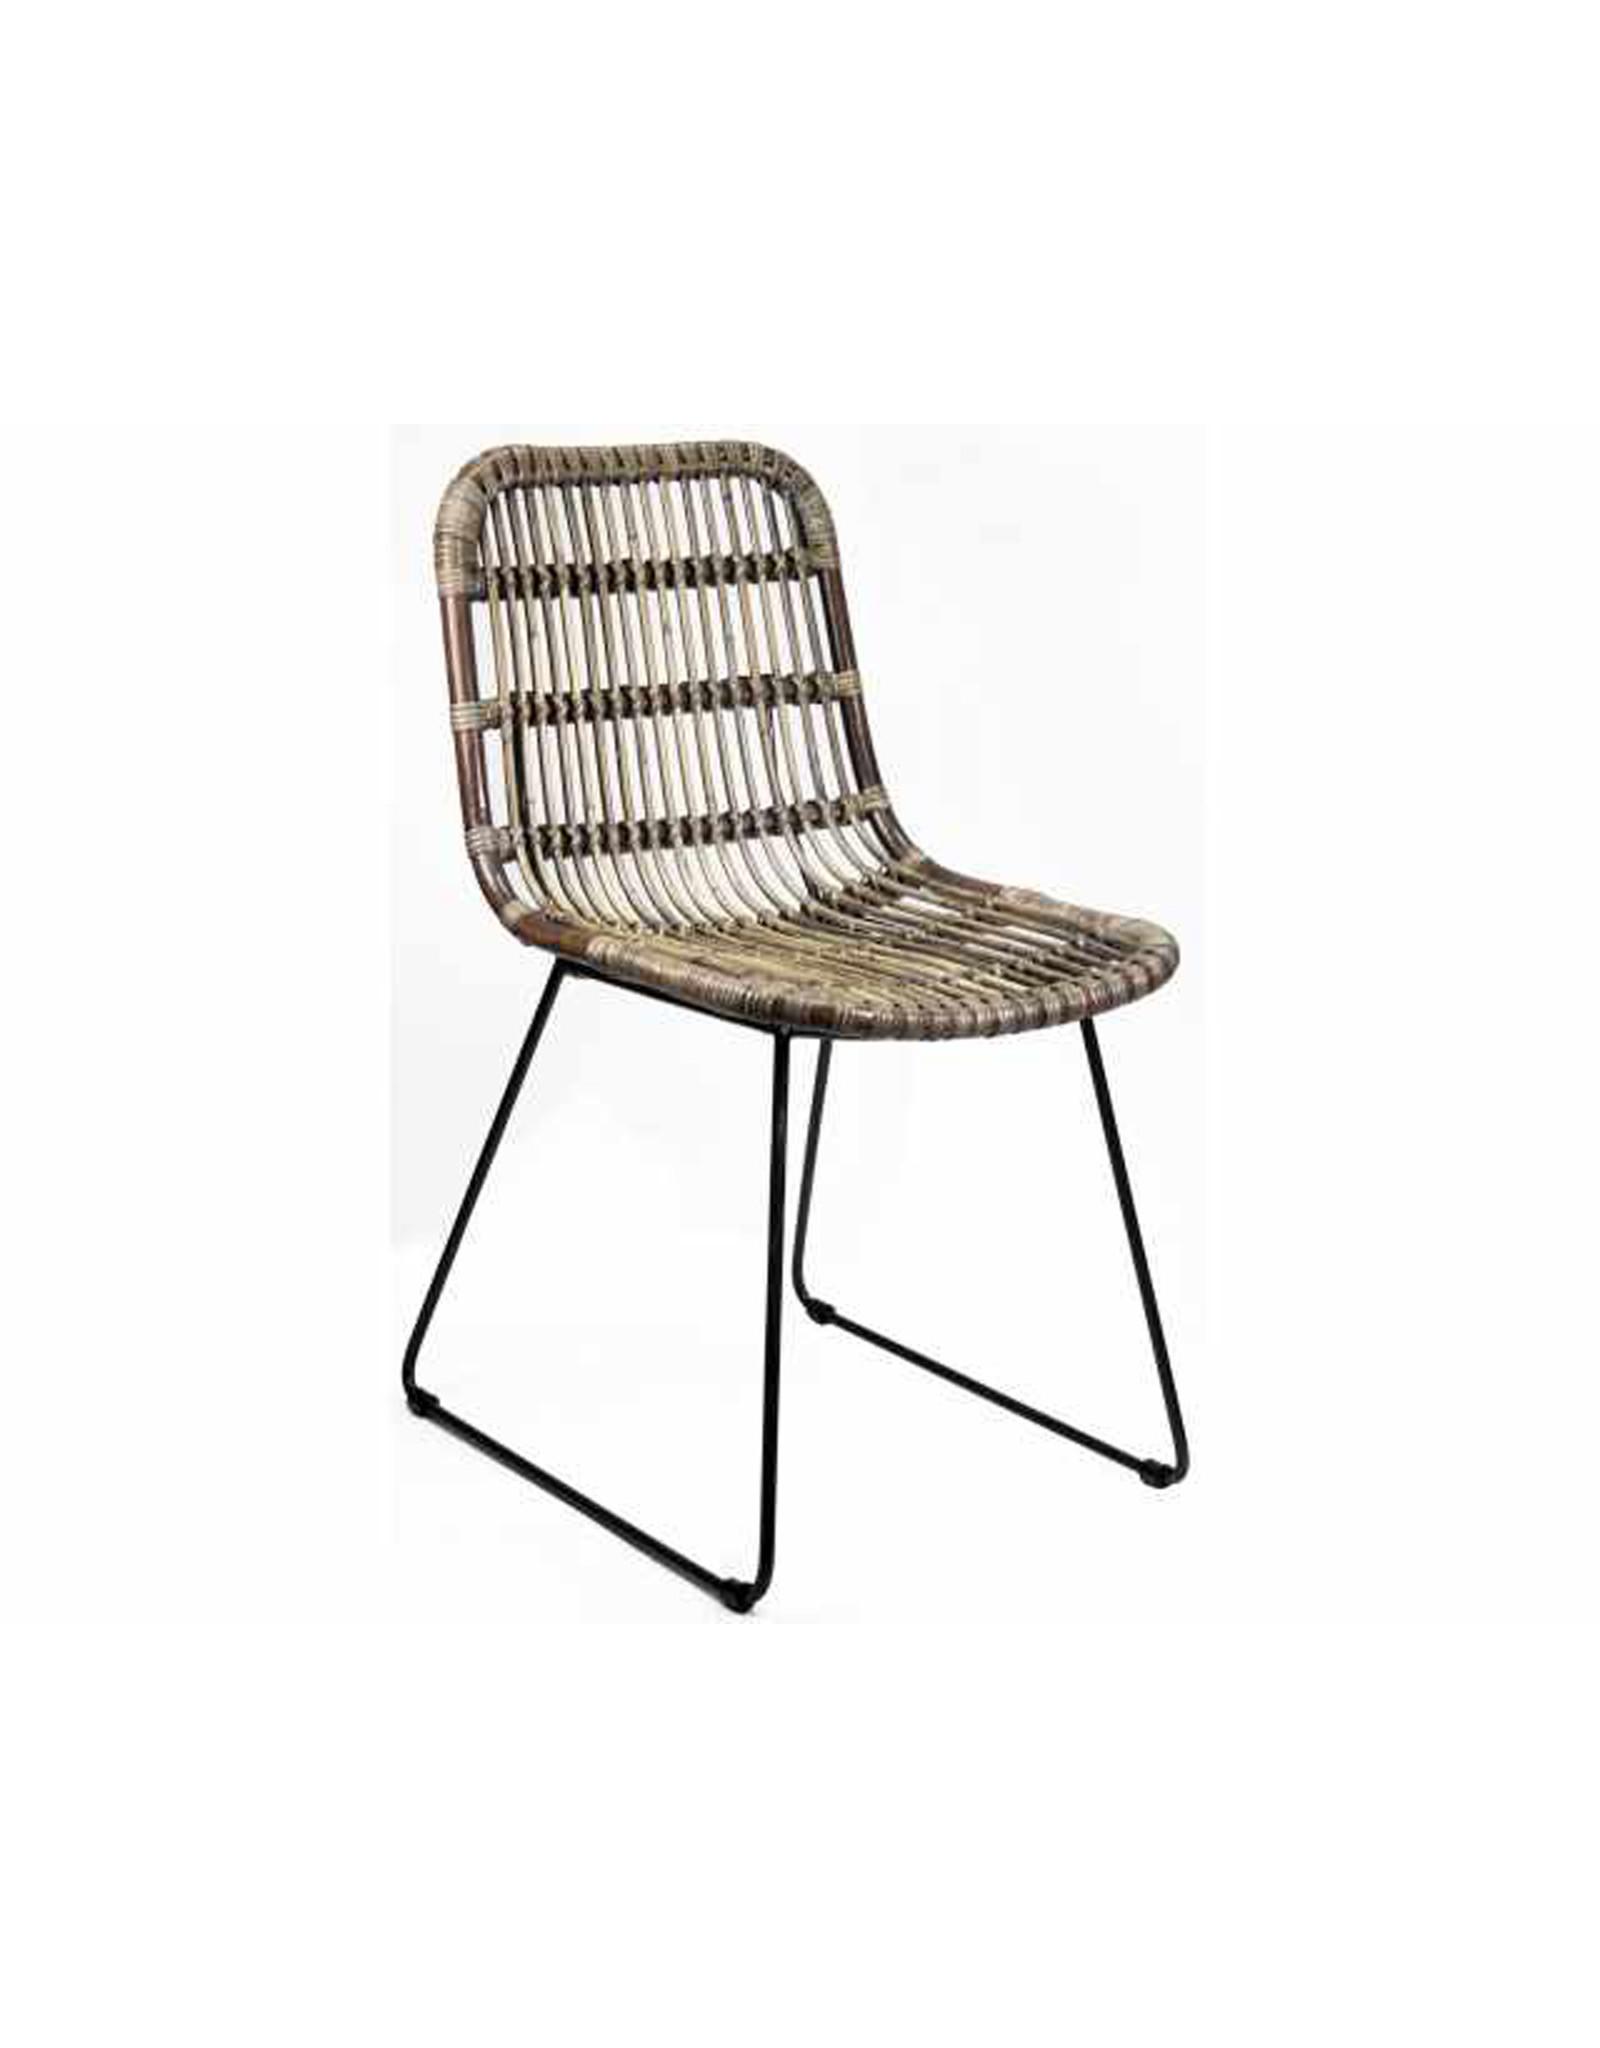 Van der Leeden Mandwerk Dining Chair Iron Brown 46X57H84cm